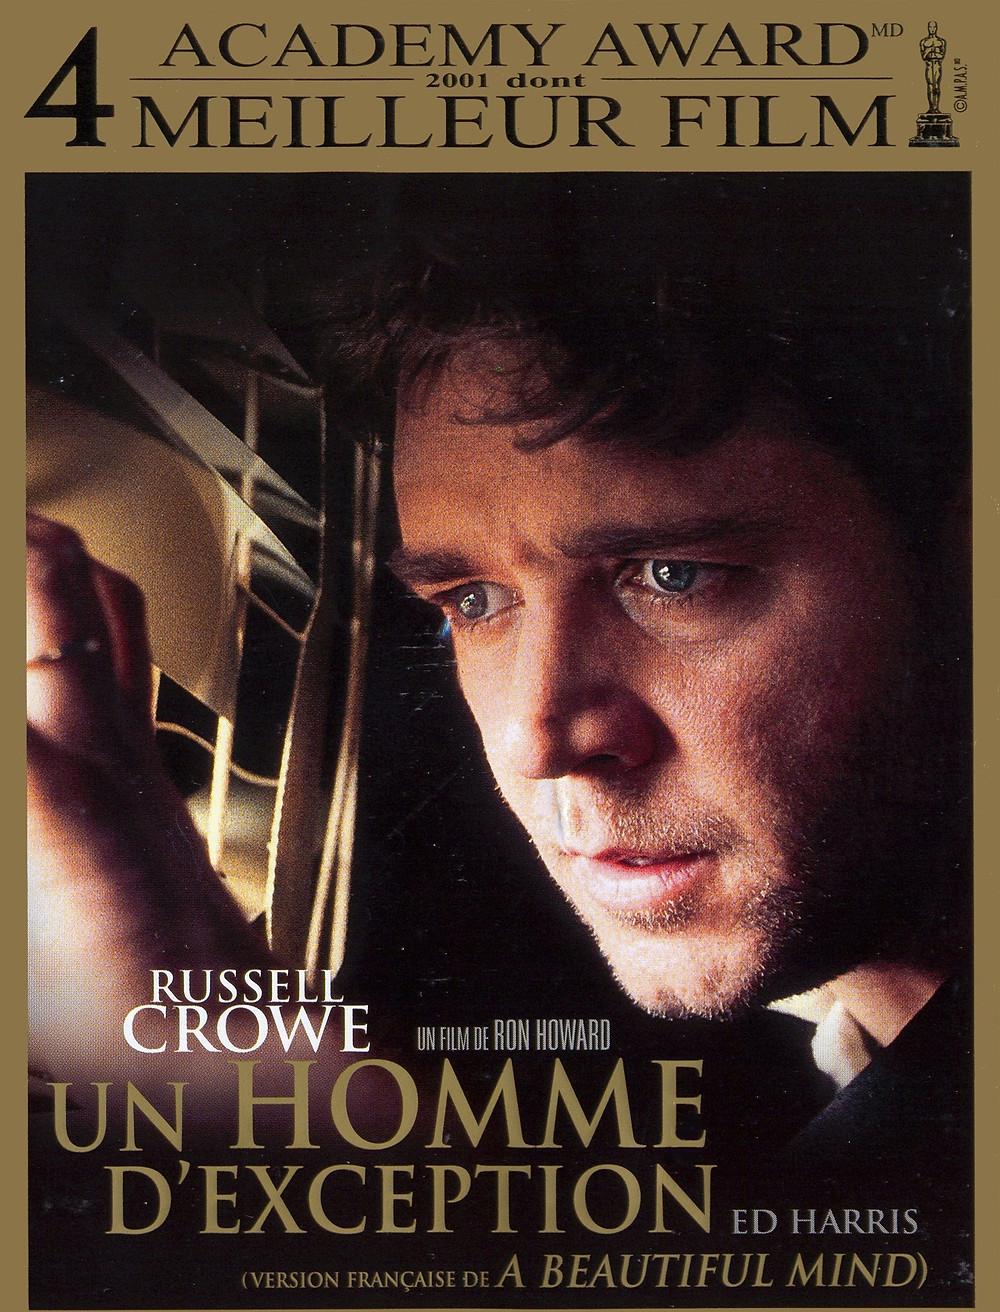 """Affiche du film """"Un homme d'exception"""" avec Russel Crowe"""